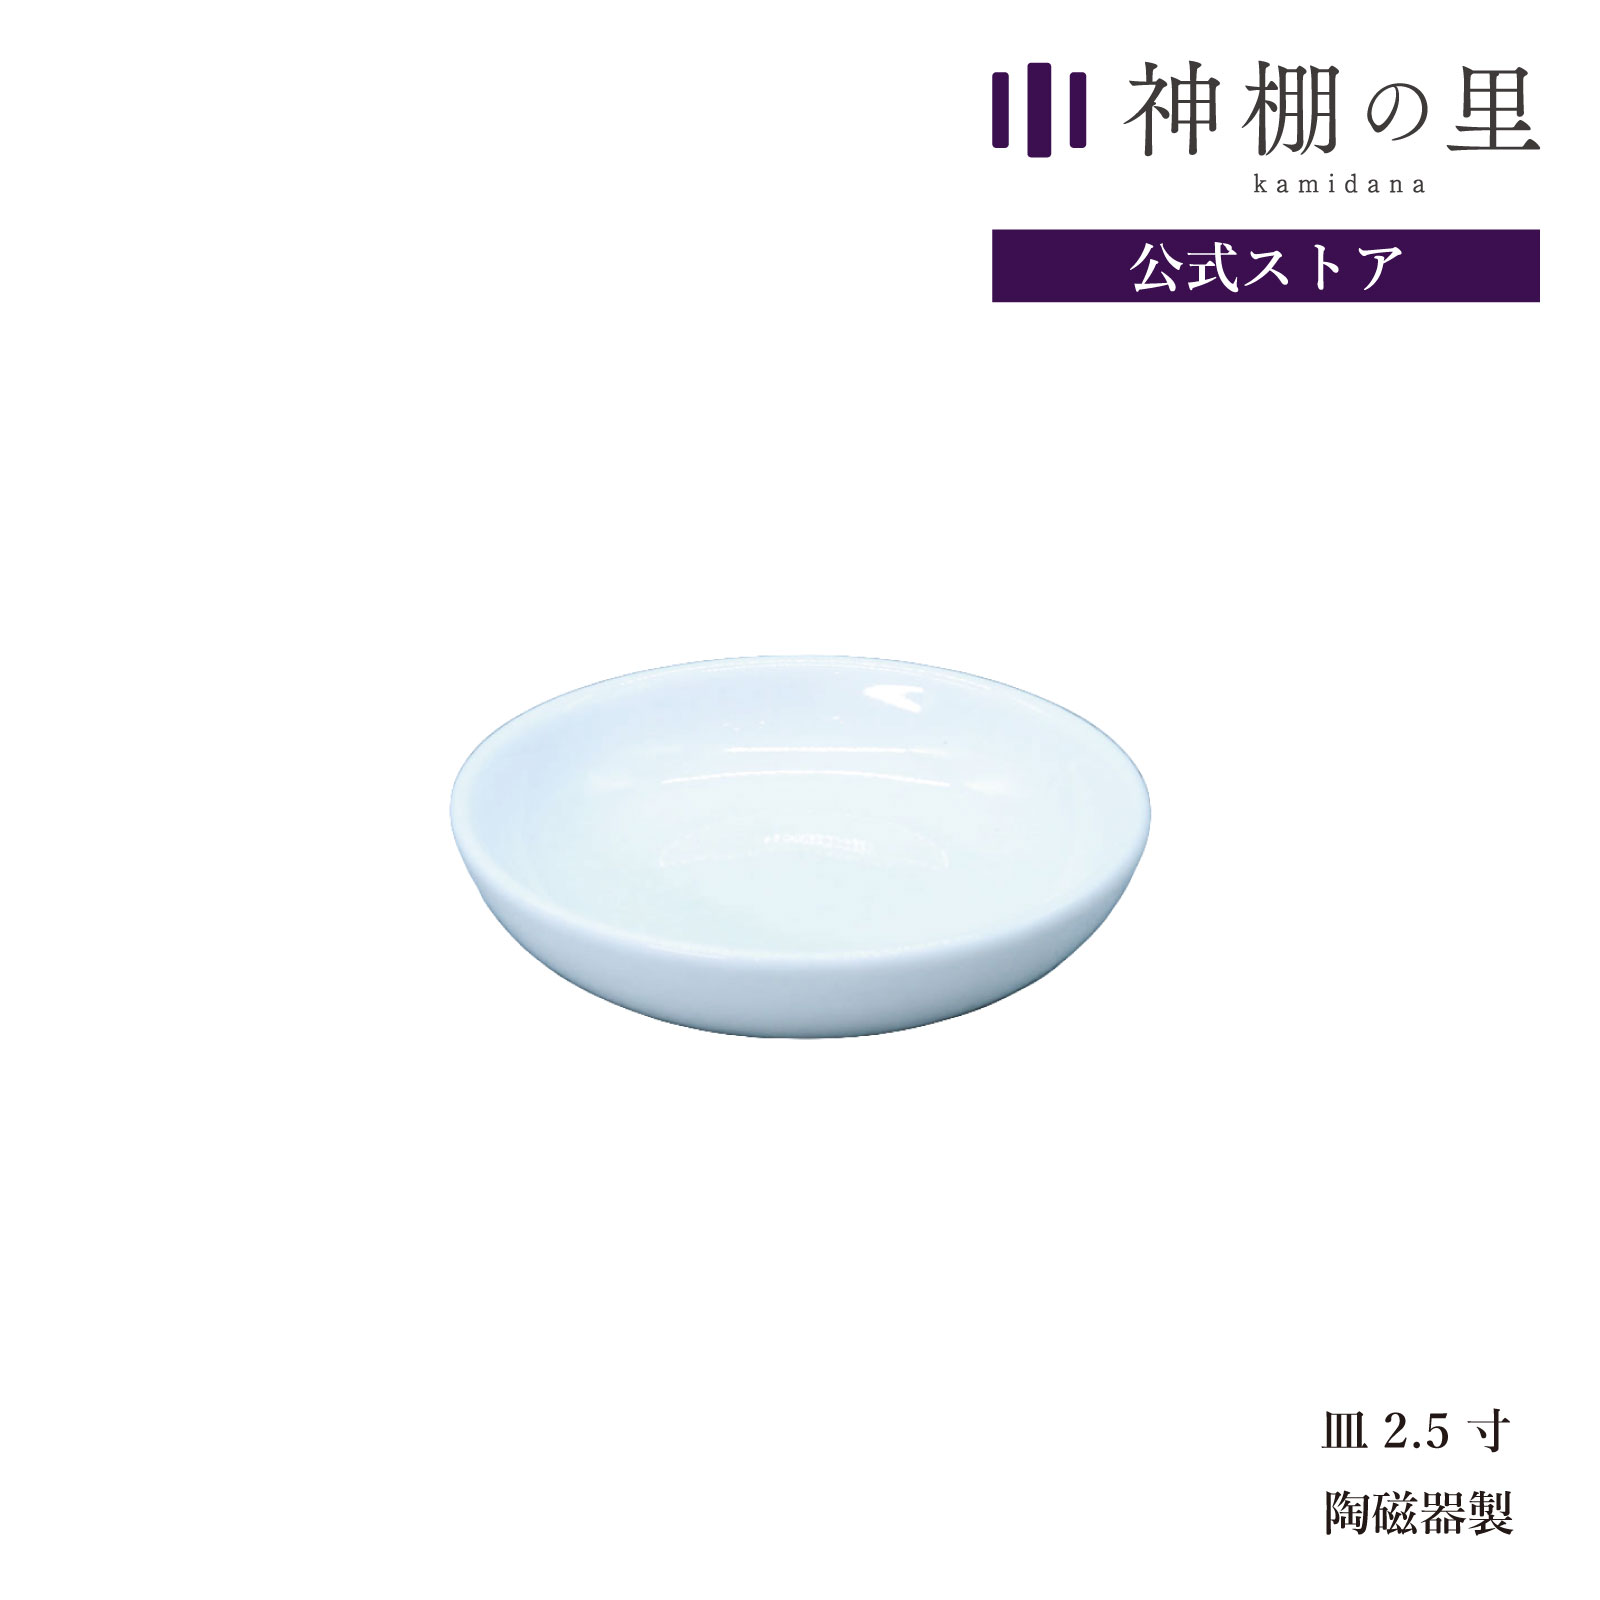 神棚にお供えする、米、塩を乗せる器です 神棚の里【公式】 神棚 神具 皿 皿 2.5寸 米 塩 陶器